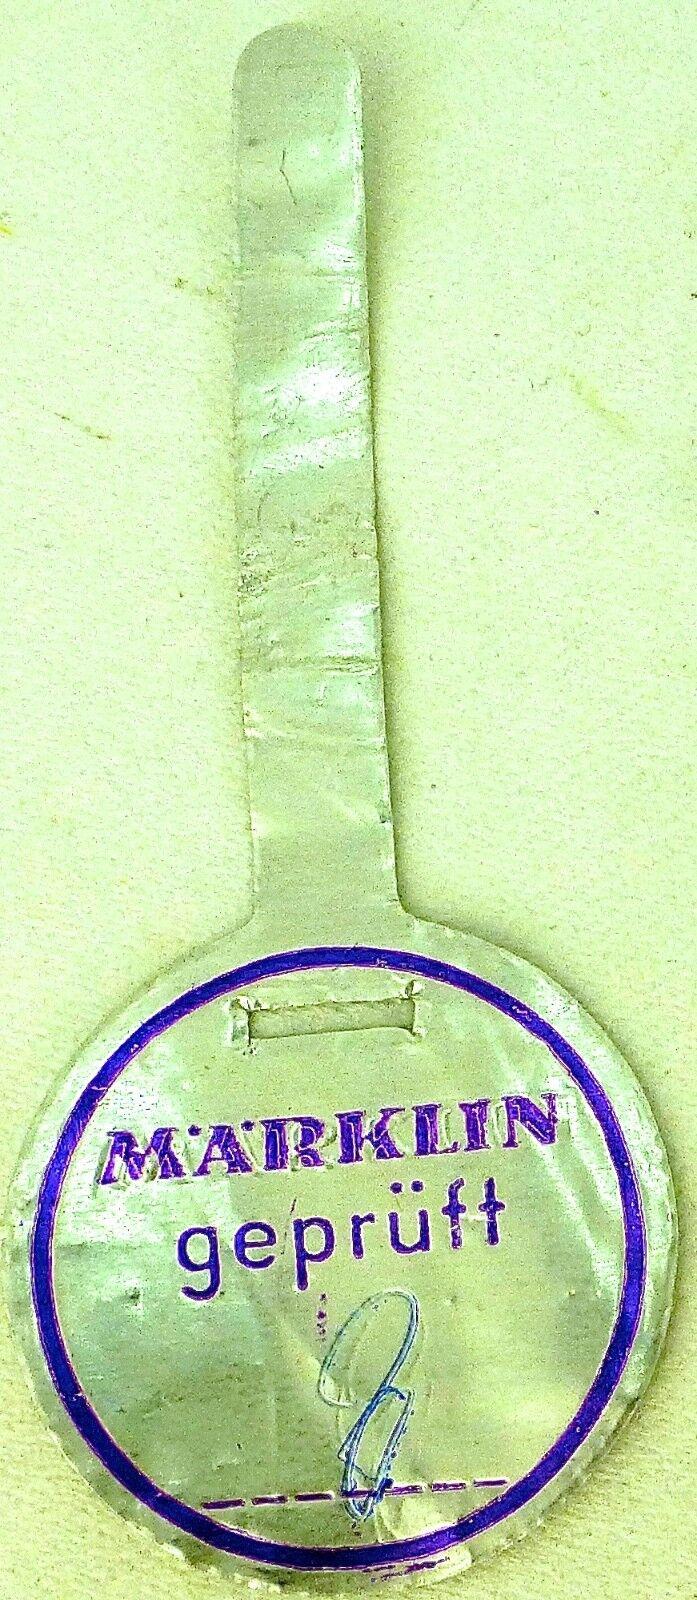 Prüfsiegel Märklin purple 8 å sch